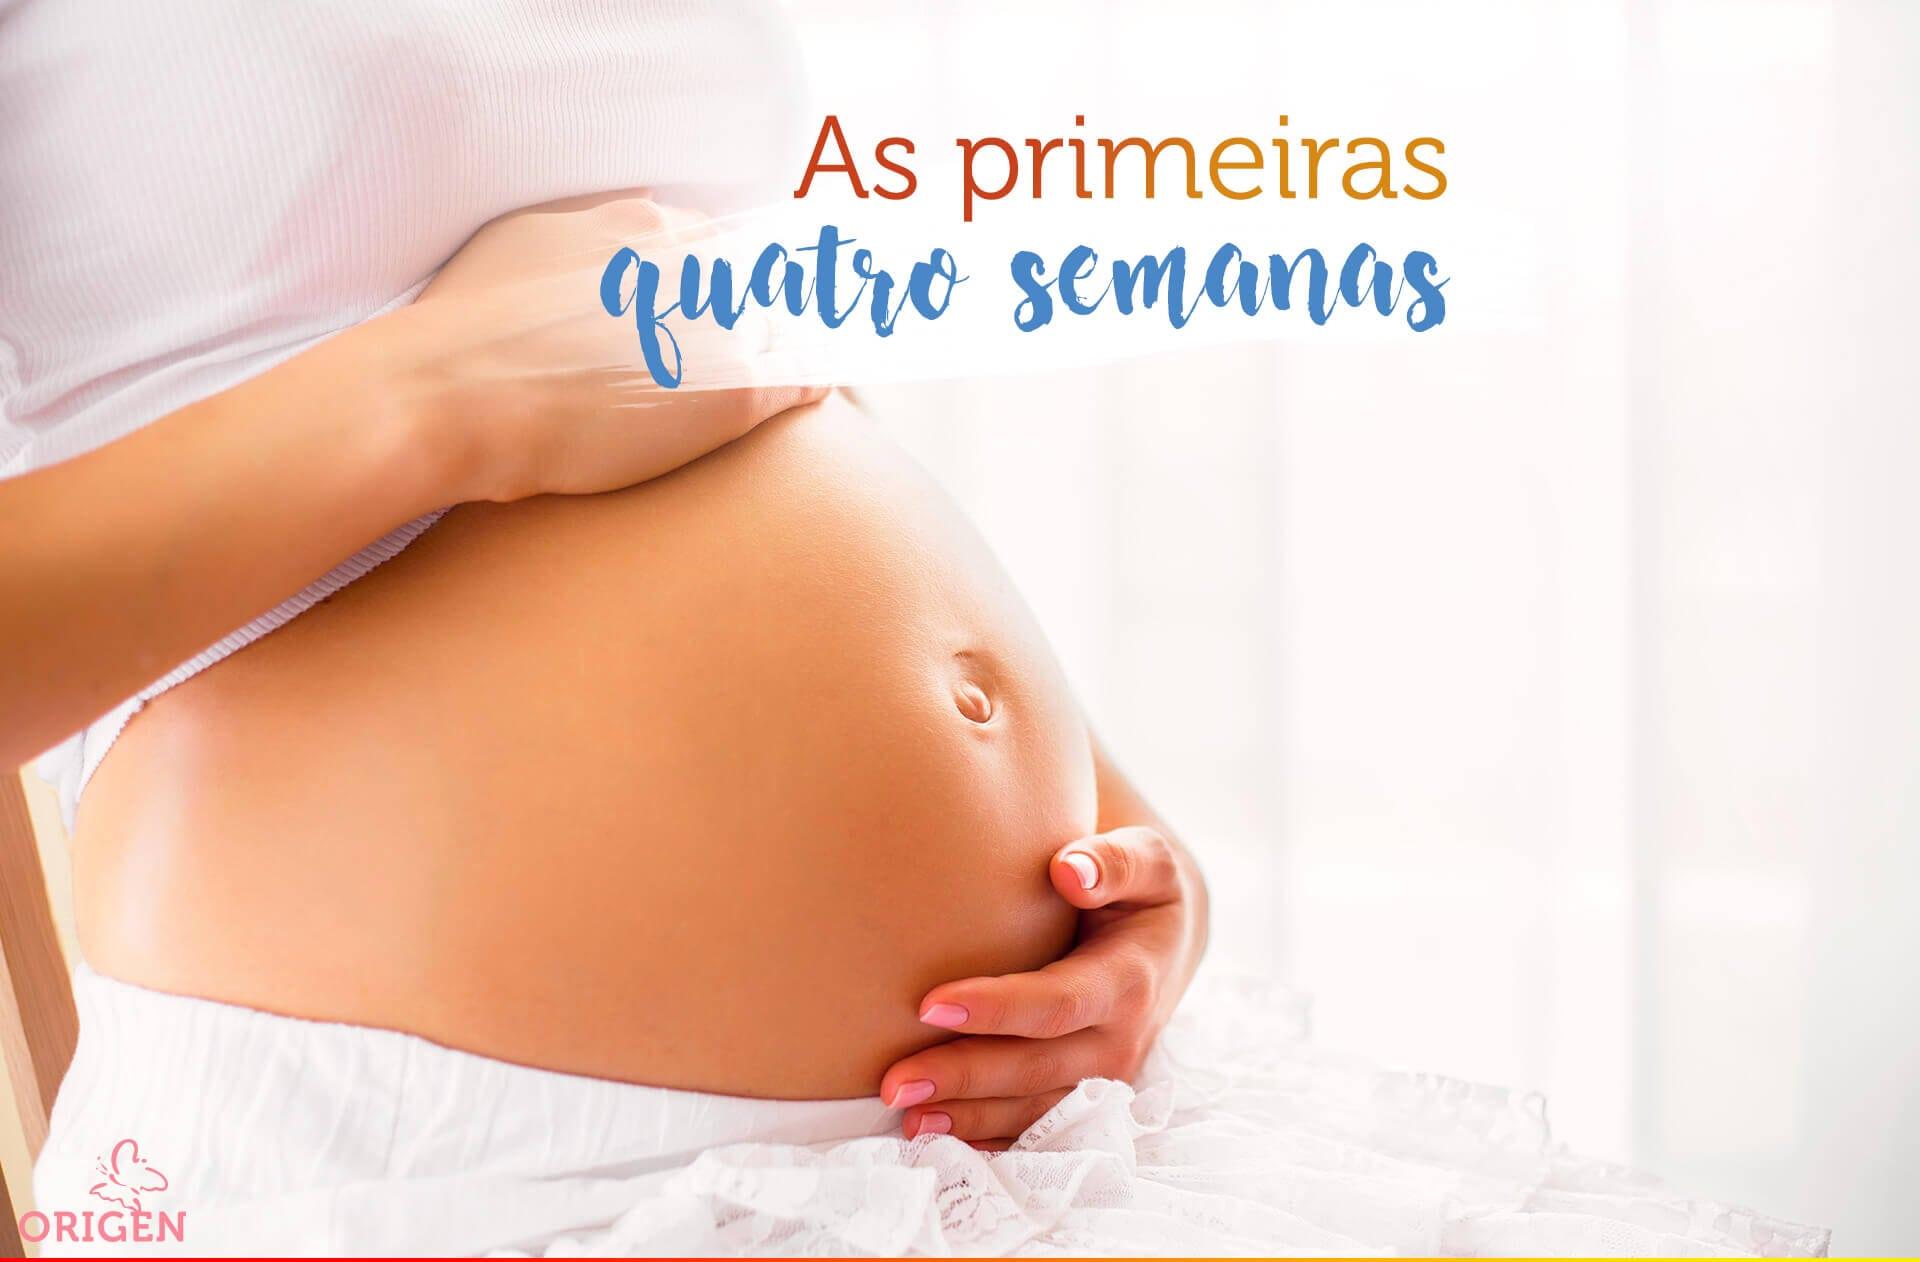 O que esperar nas primeiras quatro semanas de gravidez